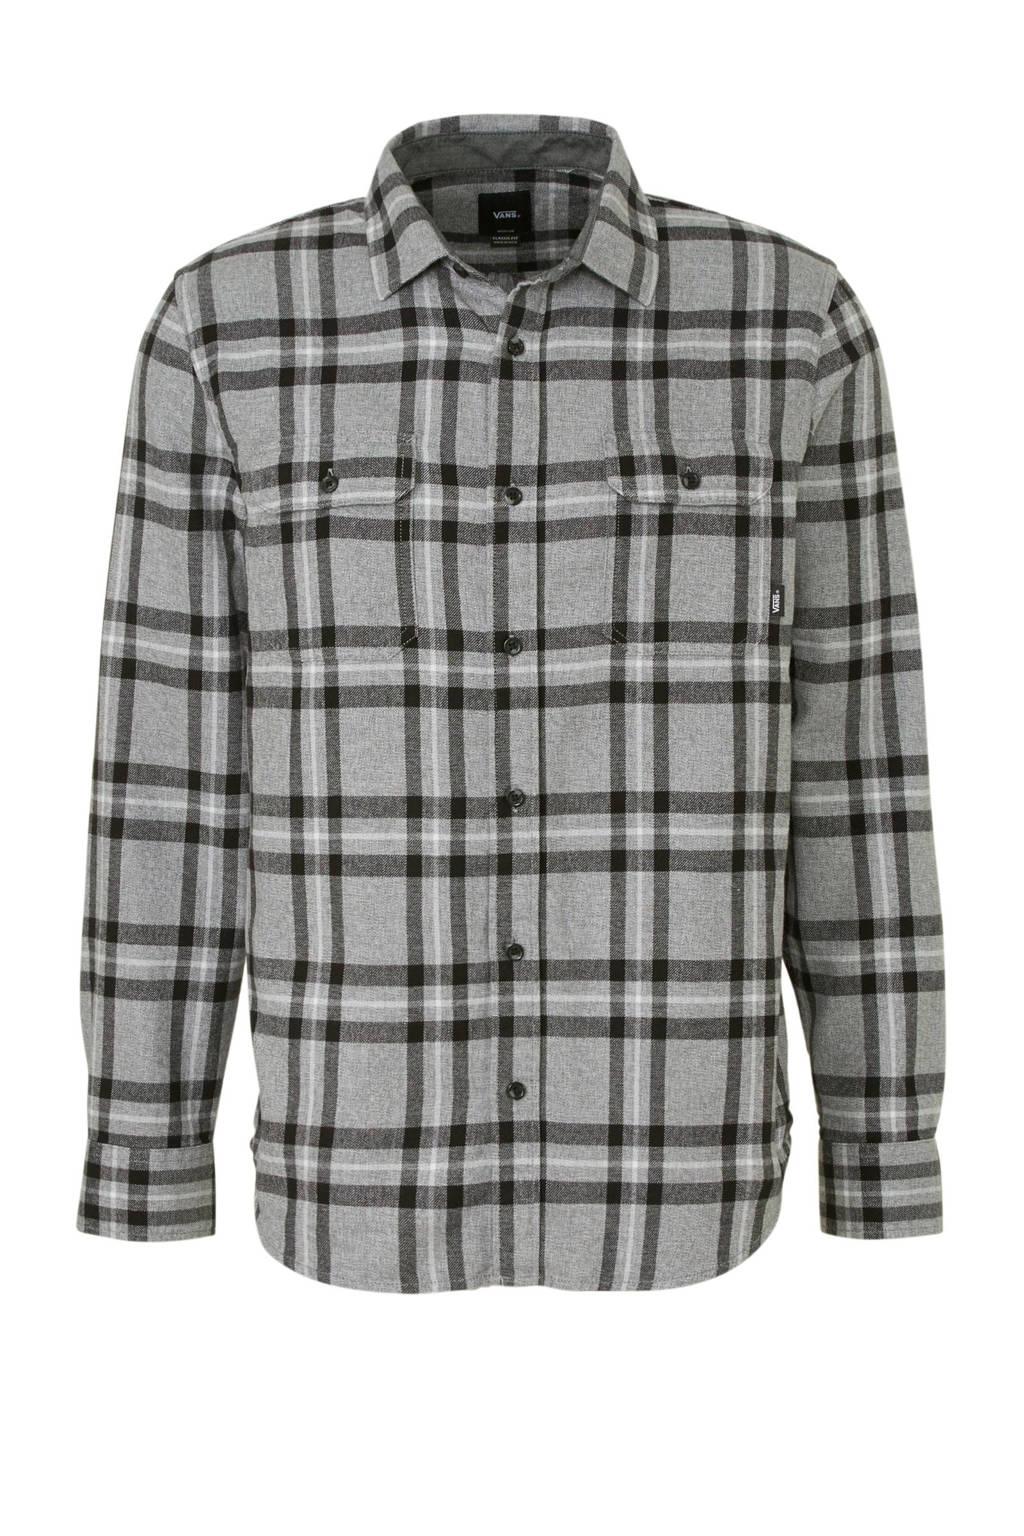 VANS Westminster overhemd grijs/zwart, Grijs/zwart